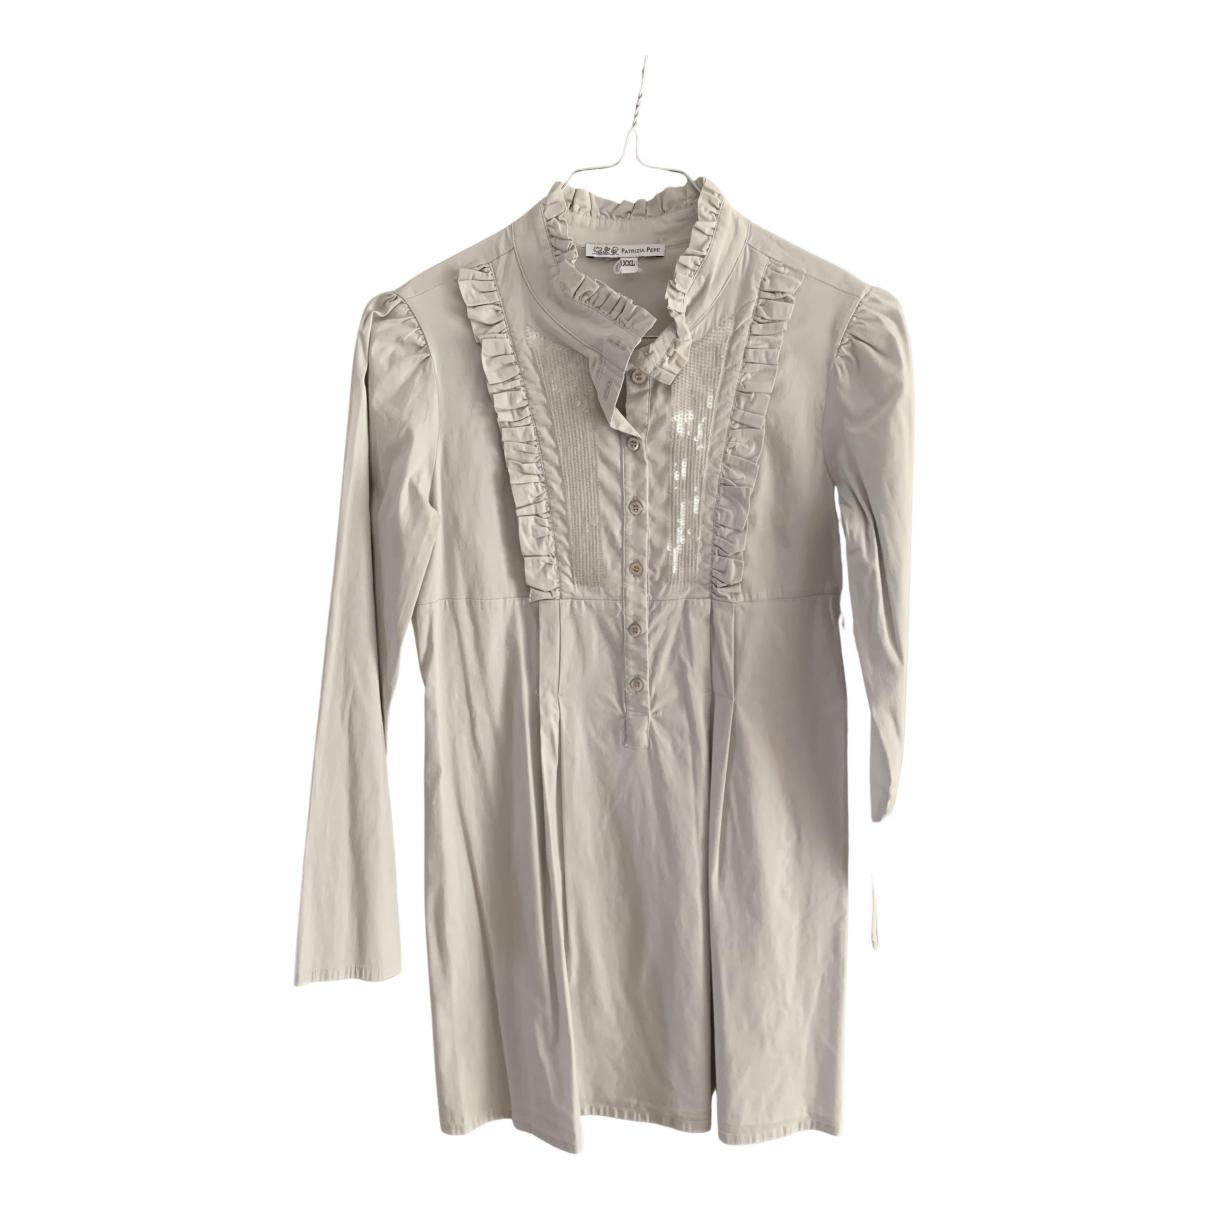 Patrizia Pepe \N Kleid in  Grau Baumwolle